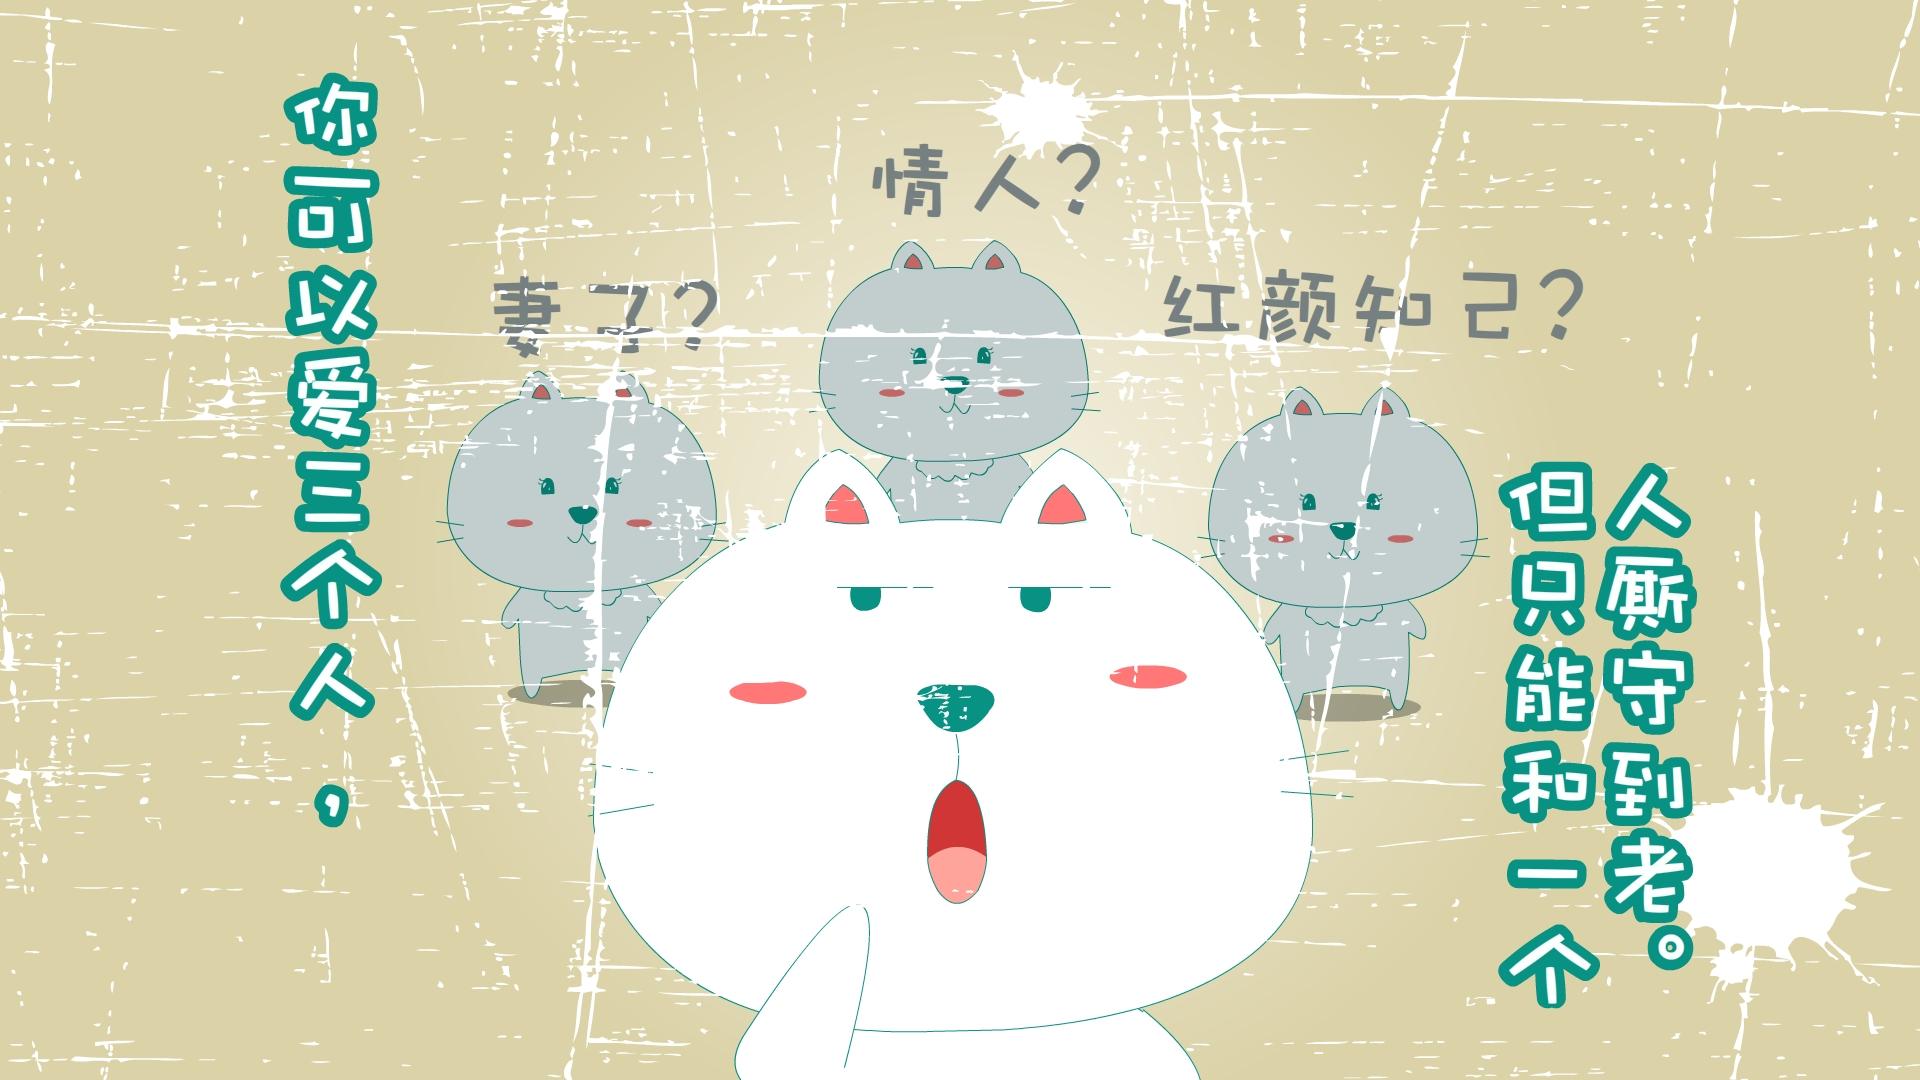 笨笨猫可爱壁纸 笨笨猫 14 1366x768图片